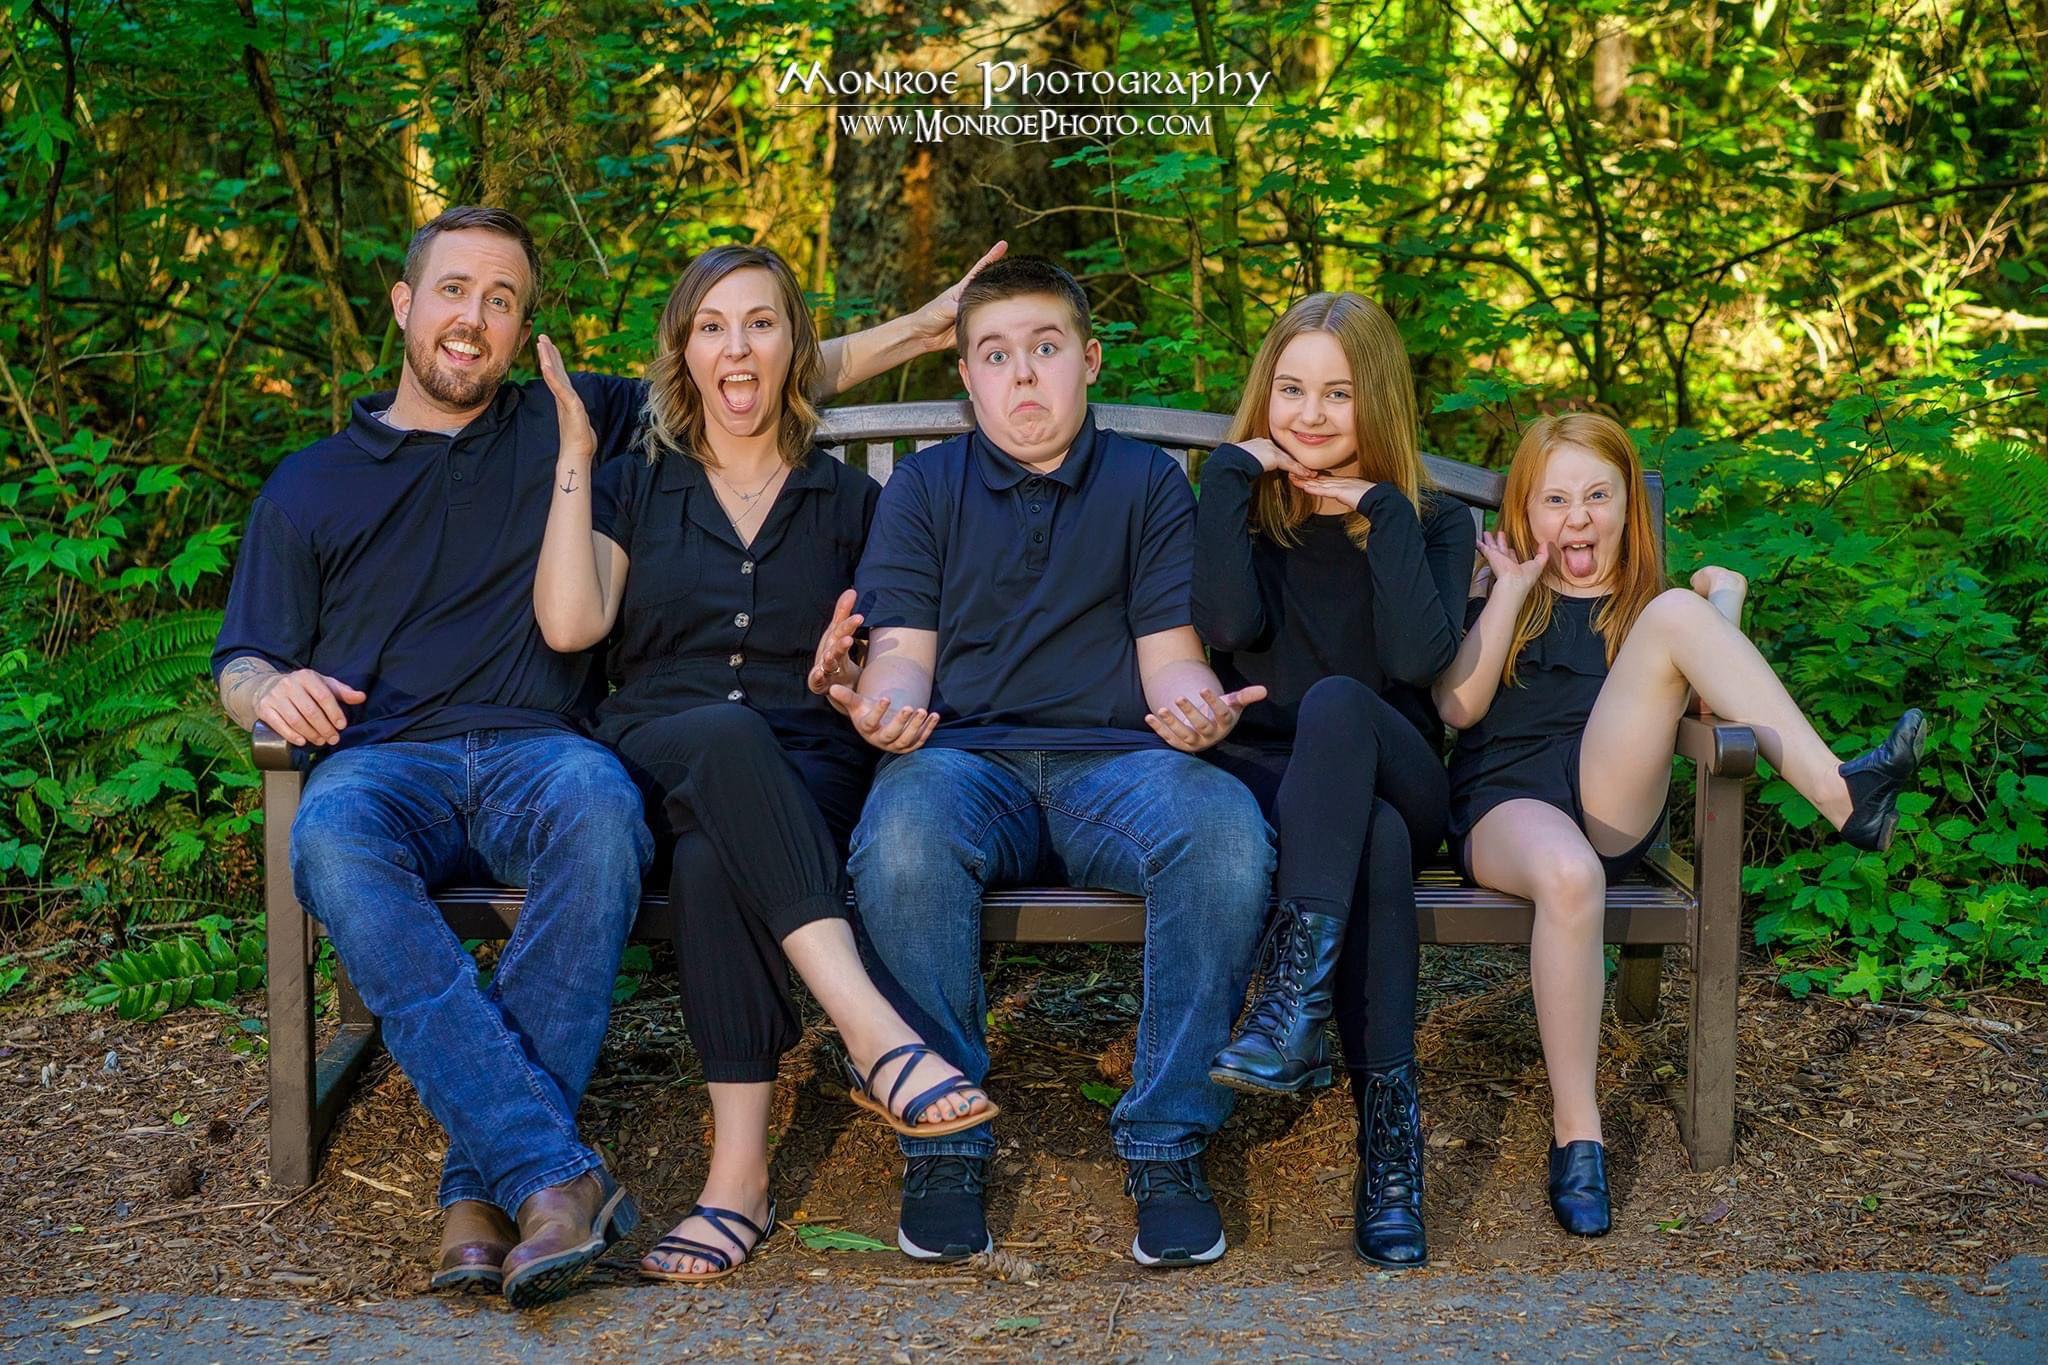 @hillsboro oregon  #pnwphotographer #pnwlife #pnwtravel #oregon #familyphotography #familyphotos #familyportraits #familypictures #oregontravel